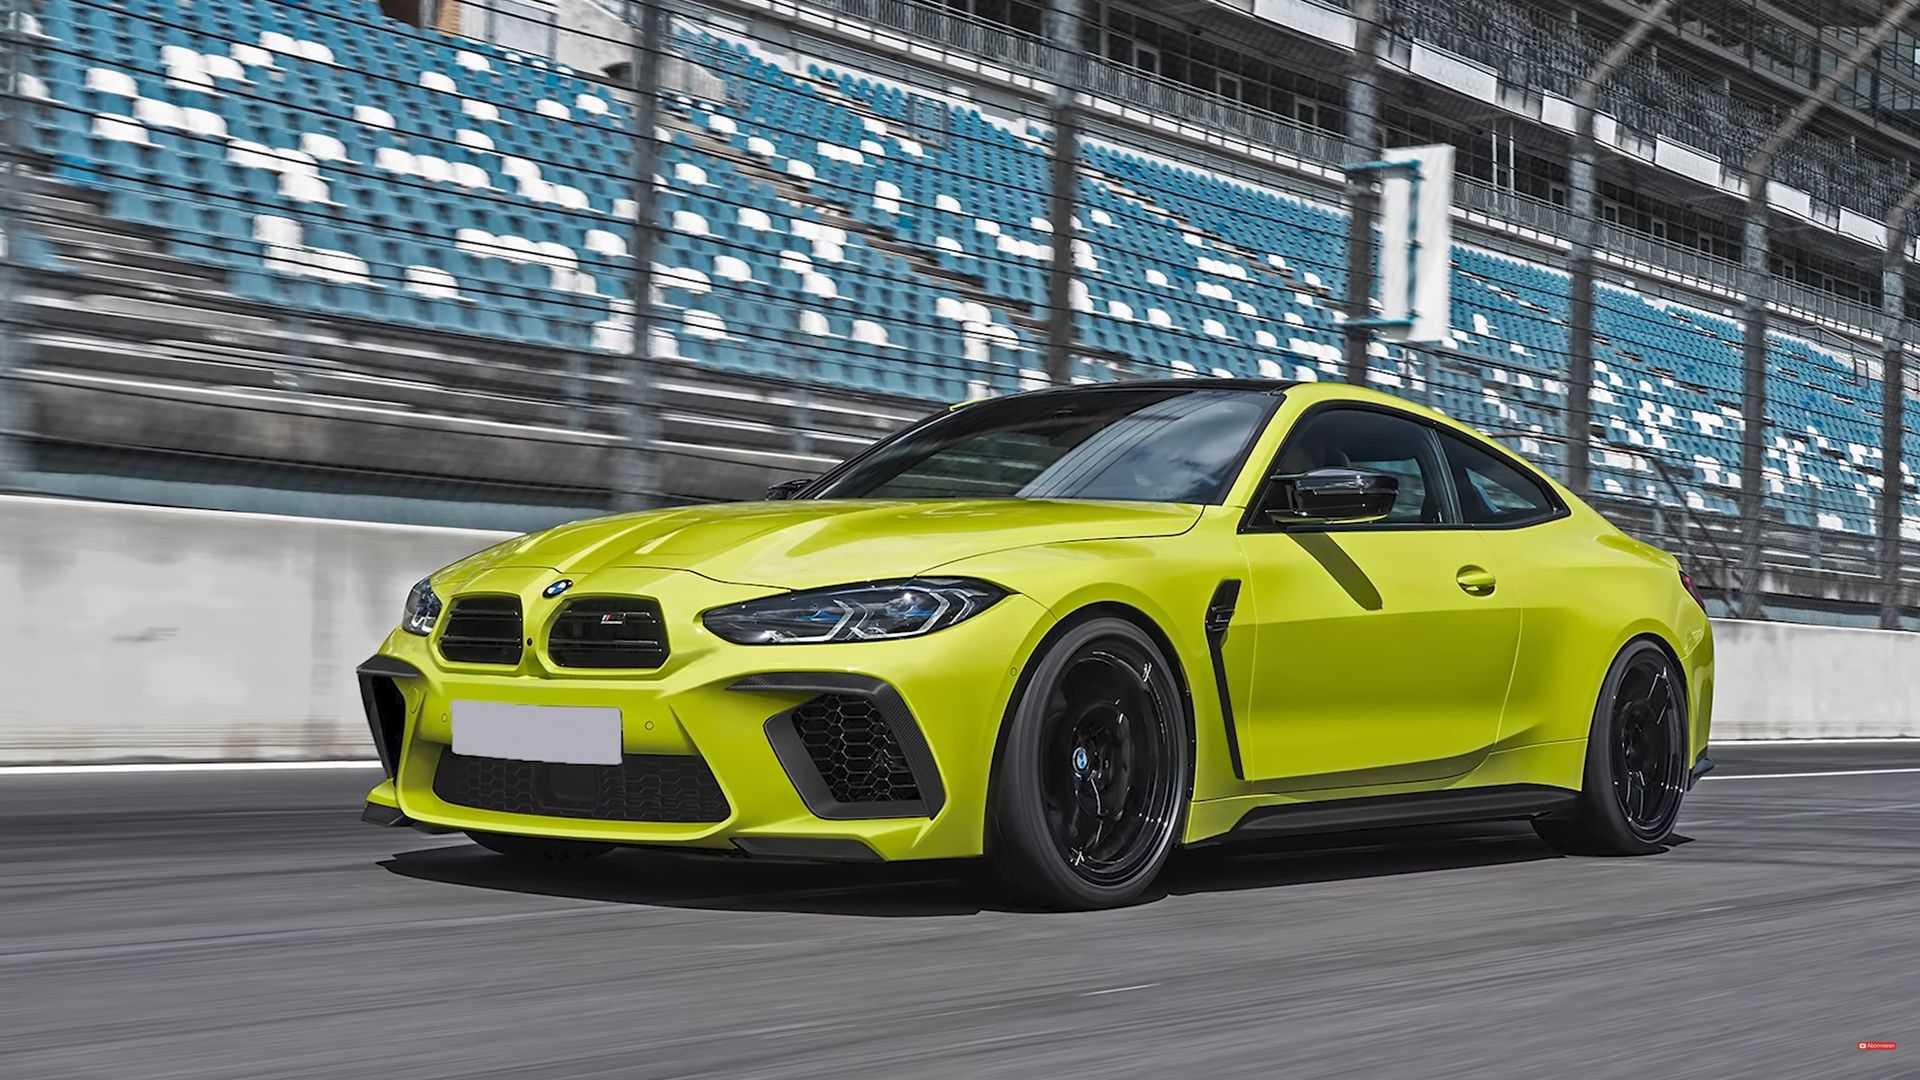 BMW-M4-Aftermarket-Redesign-5